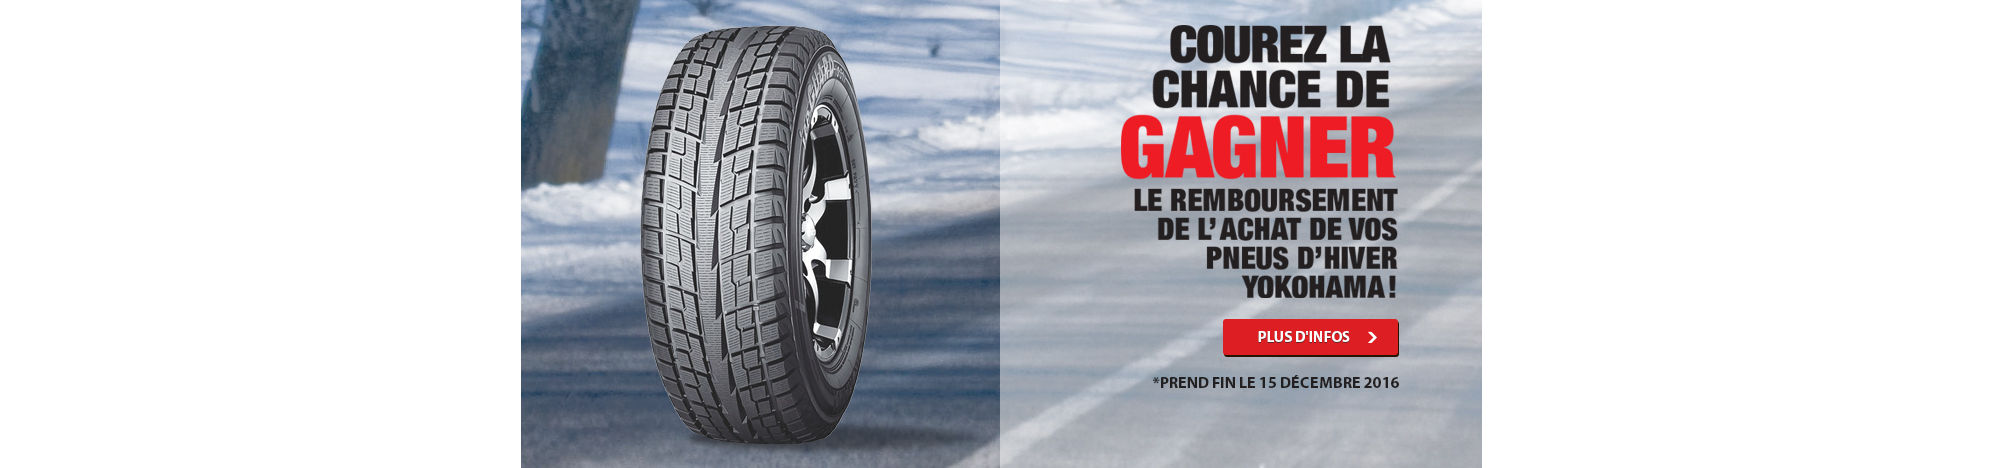 Courez la chance de gagner le remboursement de l'achat de vos pneus